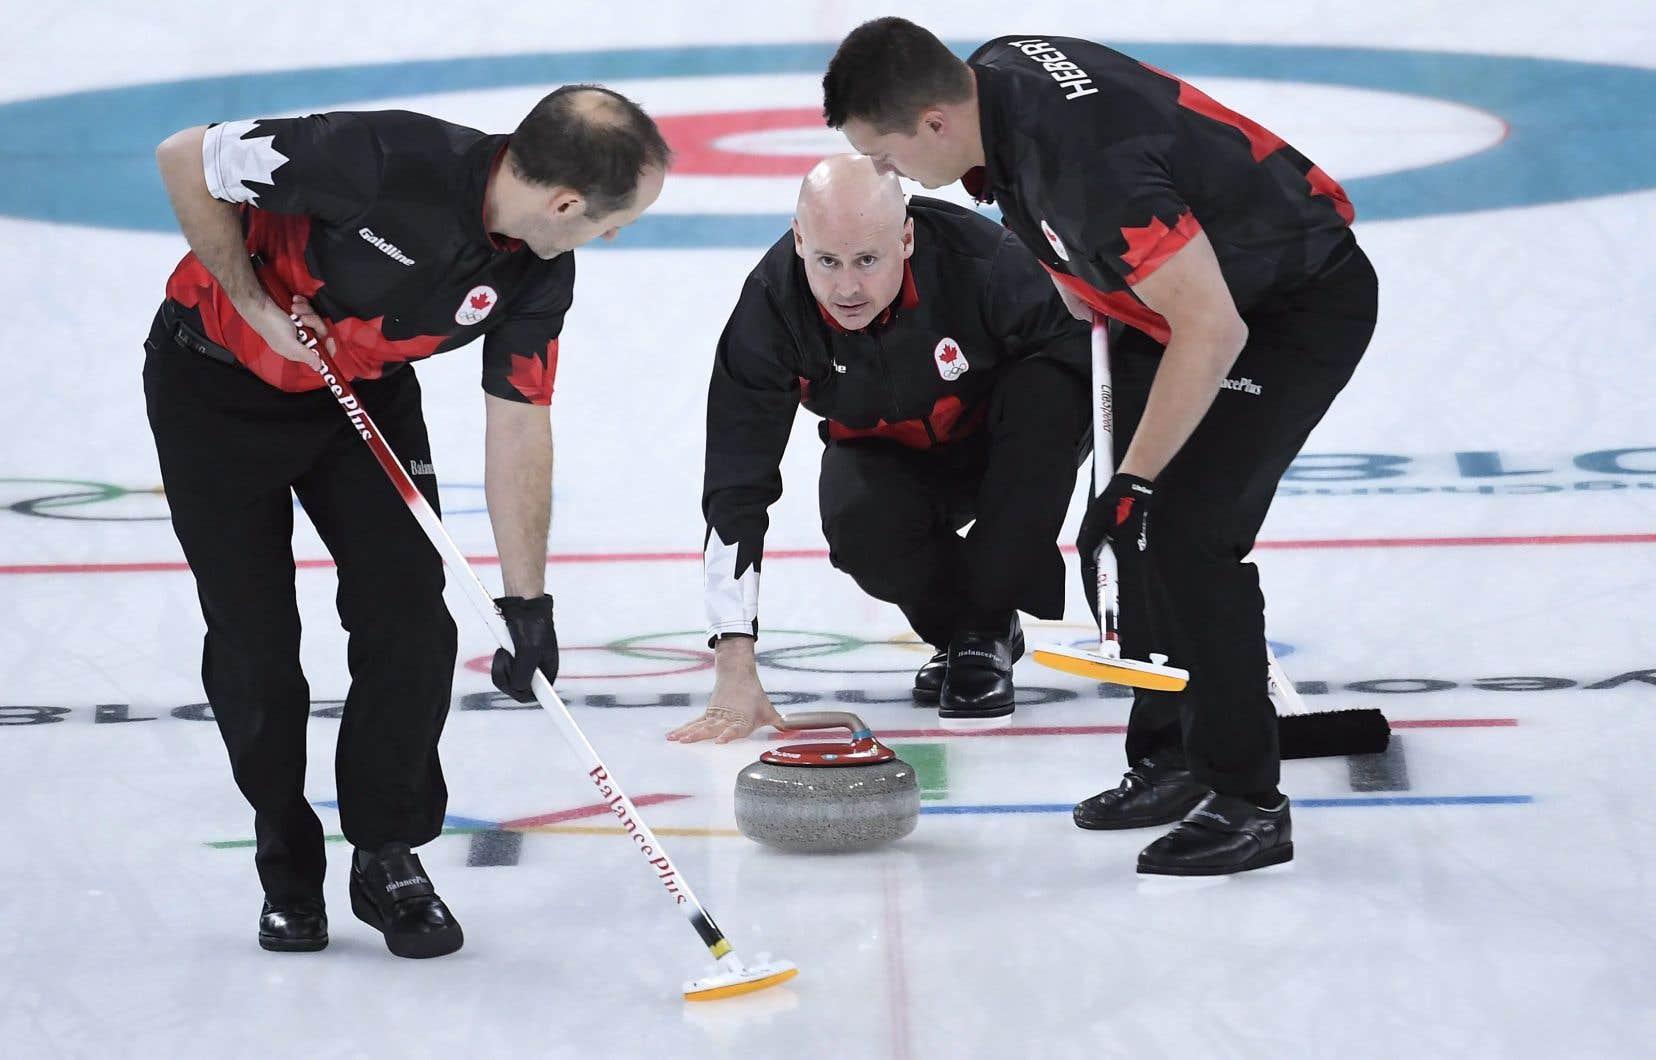 La Suisse bat le Canada pour le bronze — Curling